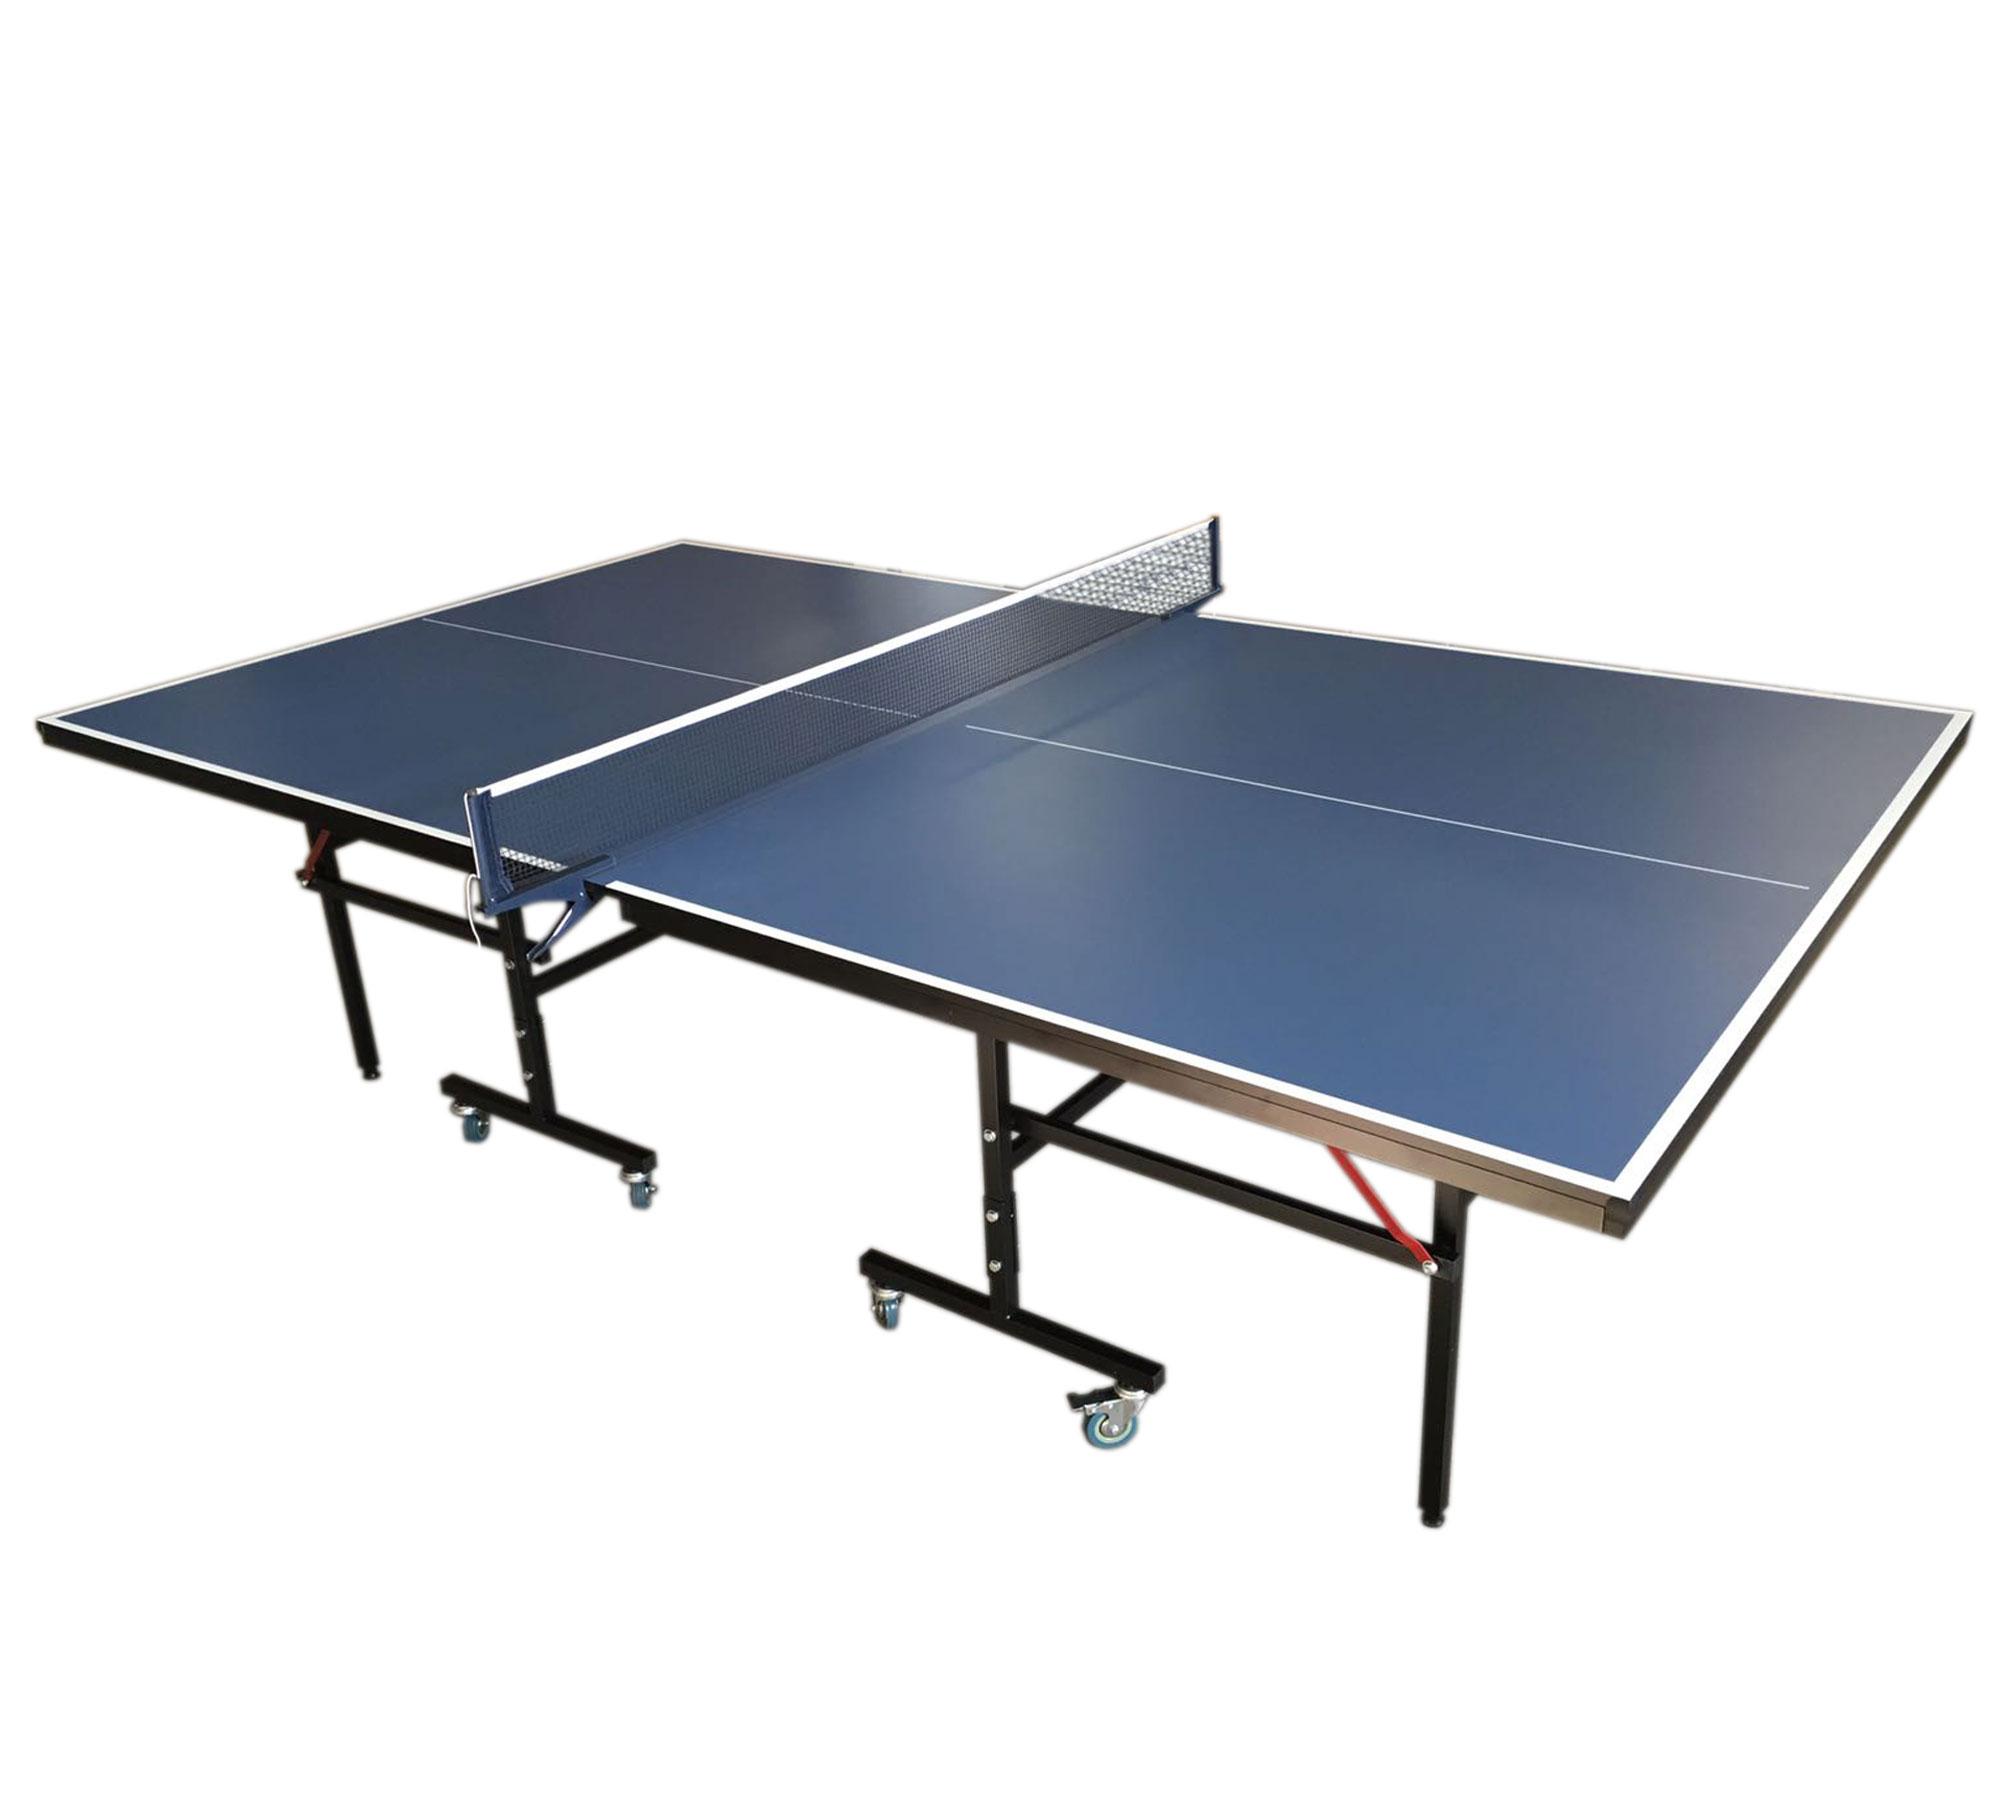 Tavolo ping pong professionale di colore blu modello roby misure regolamentari ebay - Misure tavolo da ping pong professionale ...